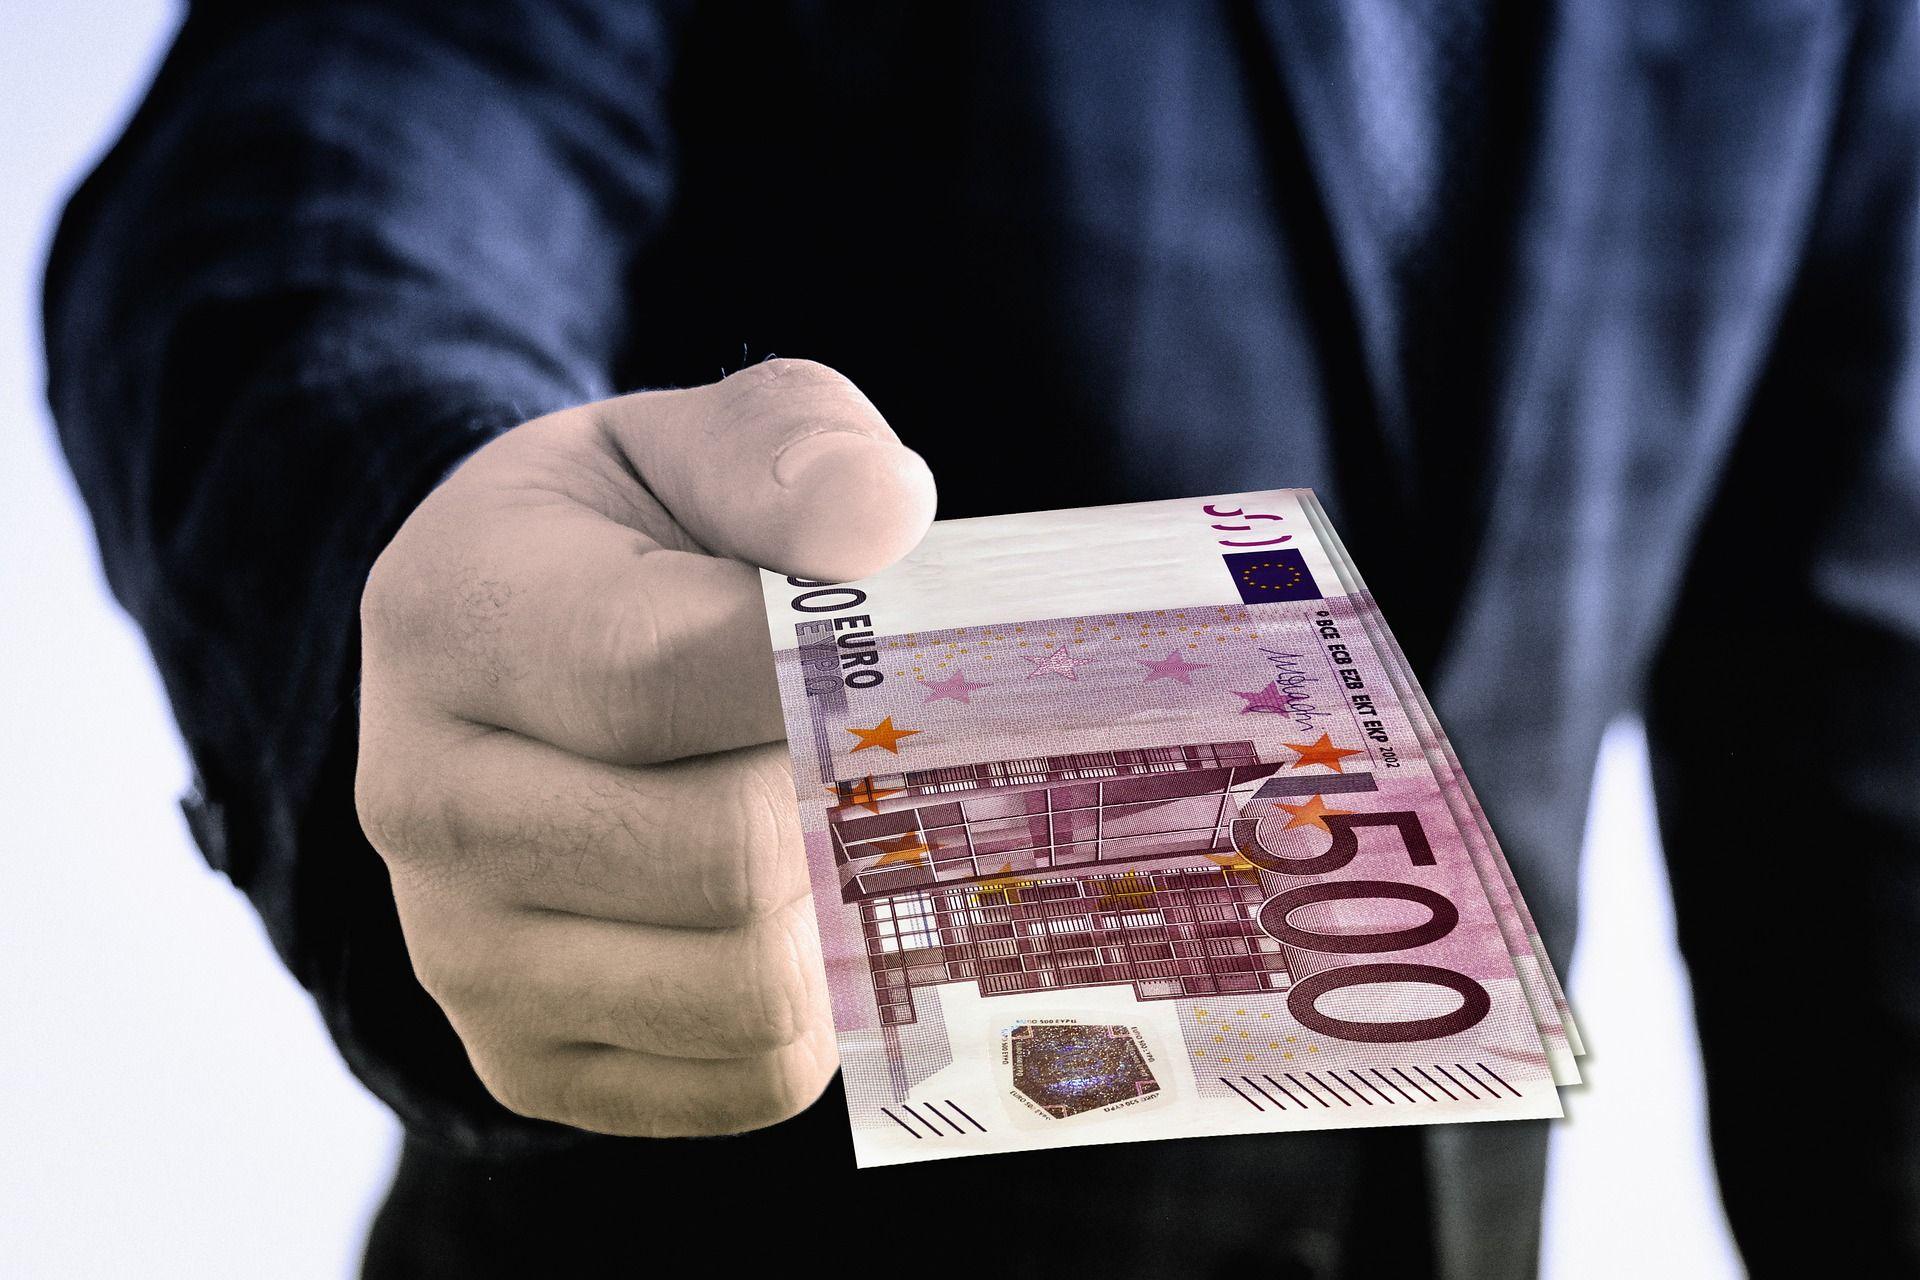 Może Wróciłeś Do Kraju I Potrzebujesz Wymienić Euro Czy Dolara Odwiedź Nasz Kantor Na Ulicy Długiej 48 23 W Krakowie Wymień Waluty Po Najlepszych